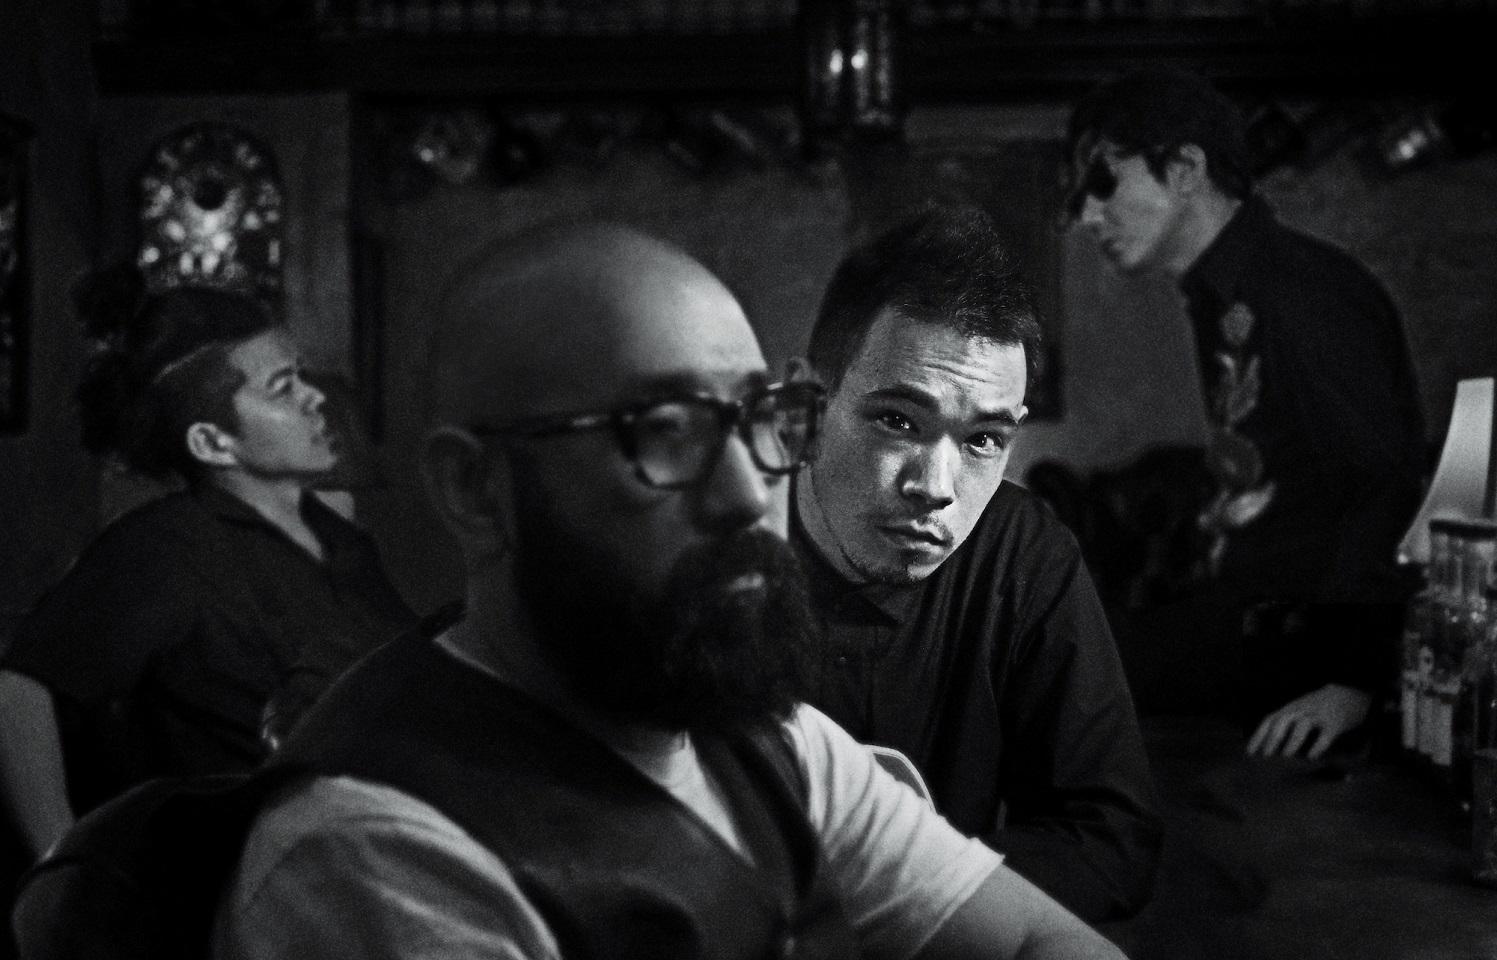 LEO今井、ニューアルバム『VLP』発売! LEO IMAIバンド4人のインタビューも公開サムネイル画像